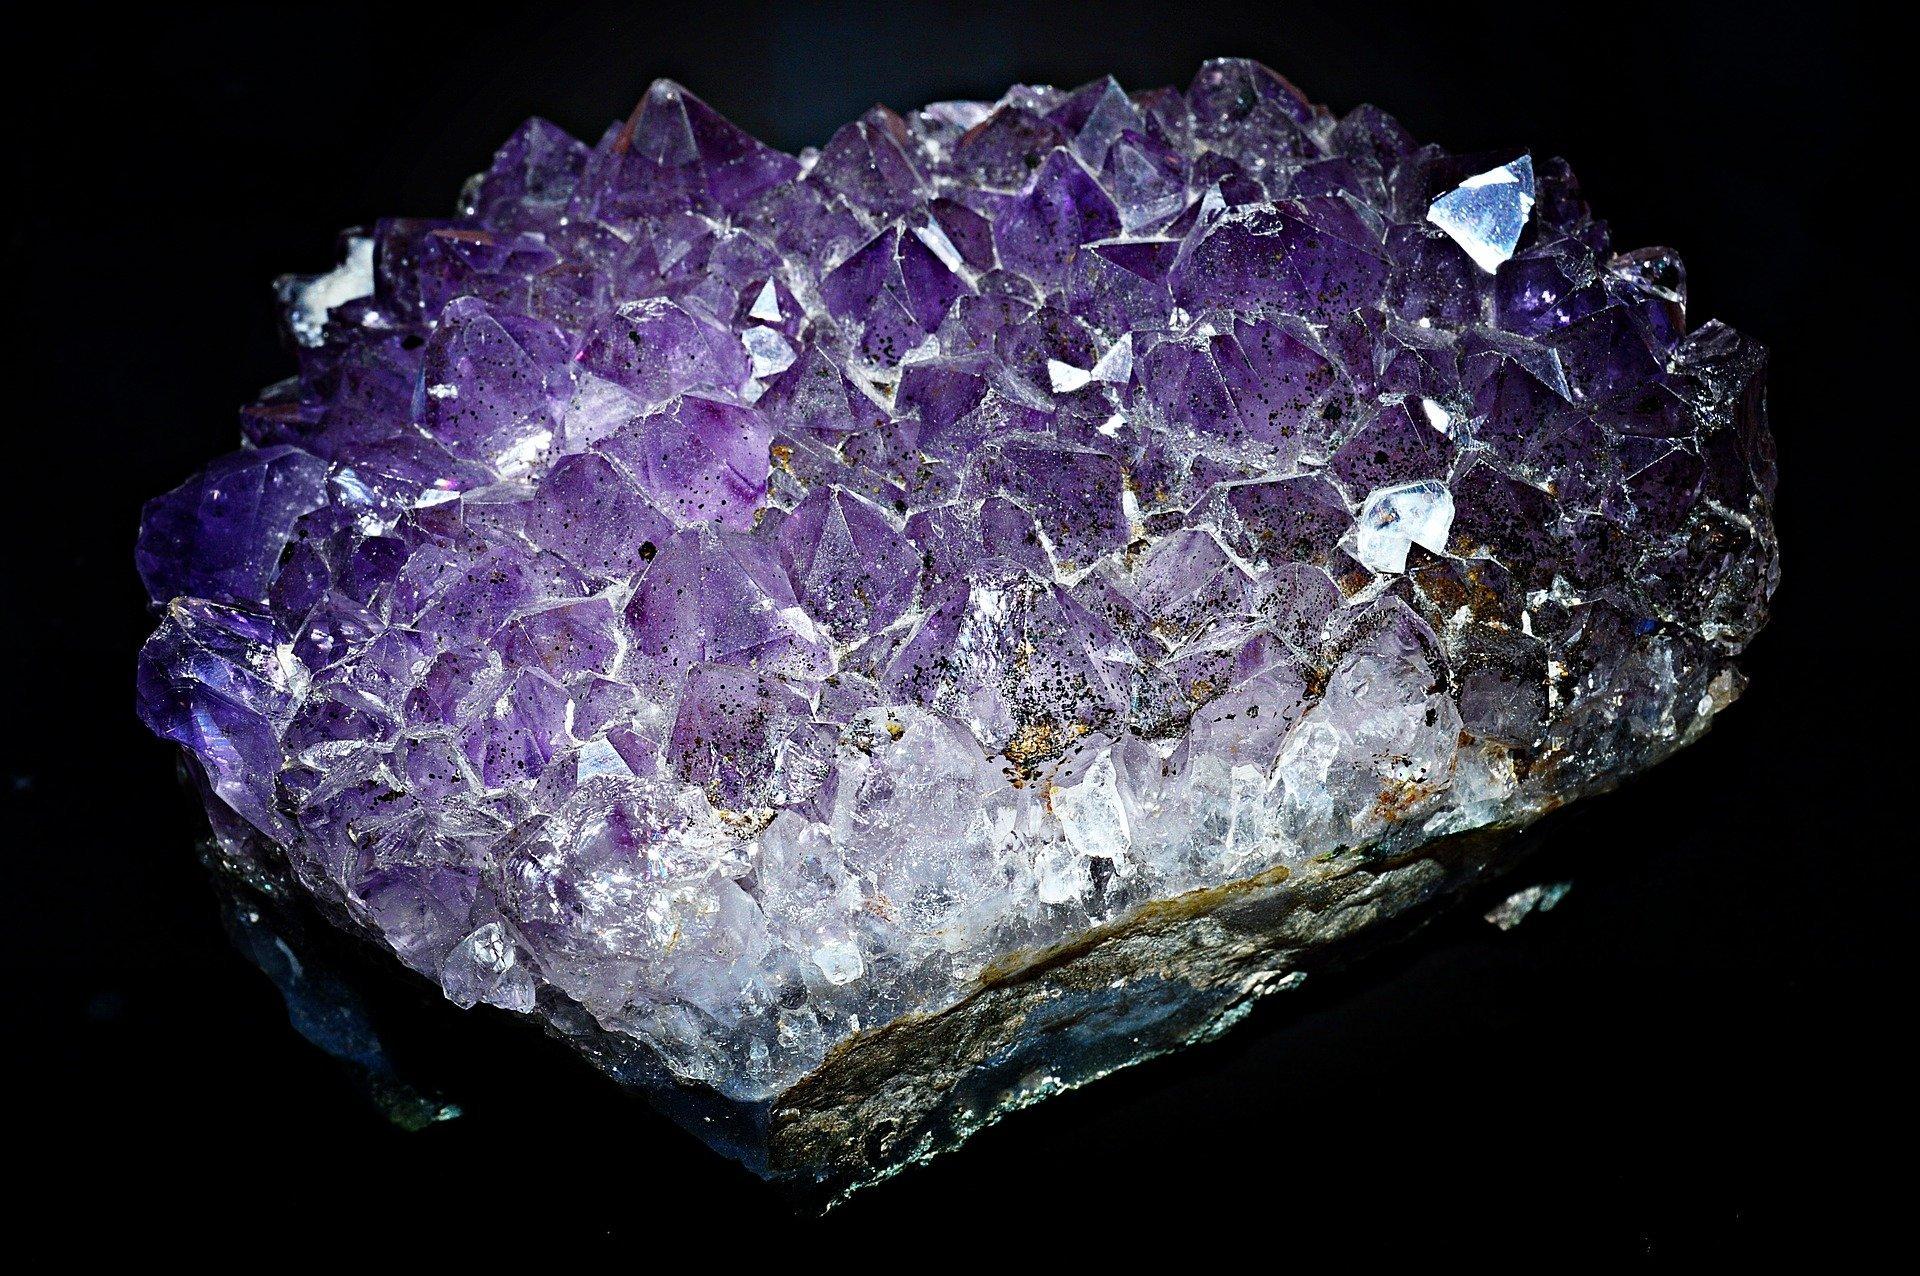 geoda geode ametista quarzo cristallo di rocca ialino cristalloterapia corso on line D.A.S.P. scuola operatori olistici